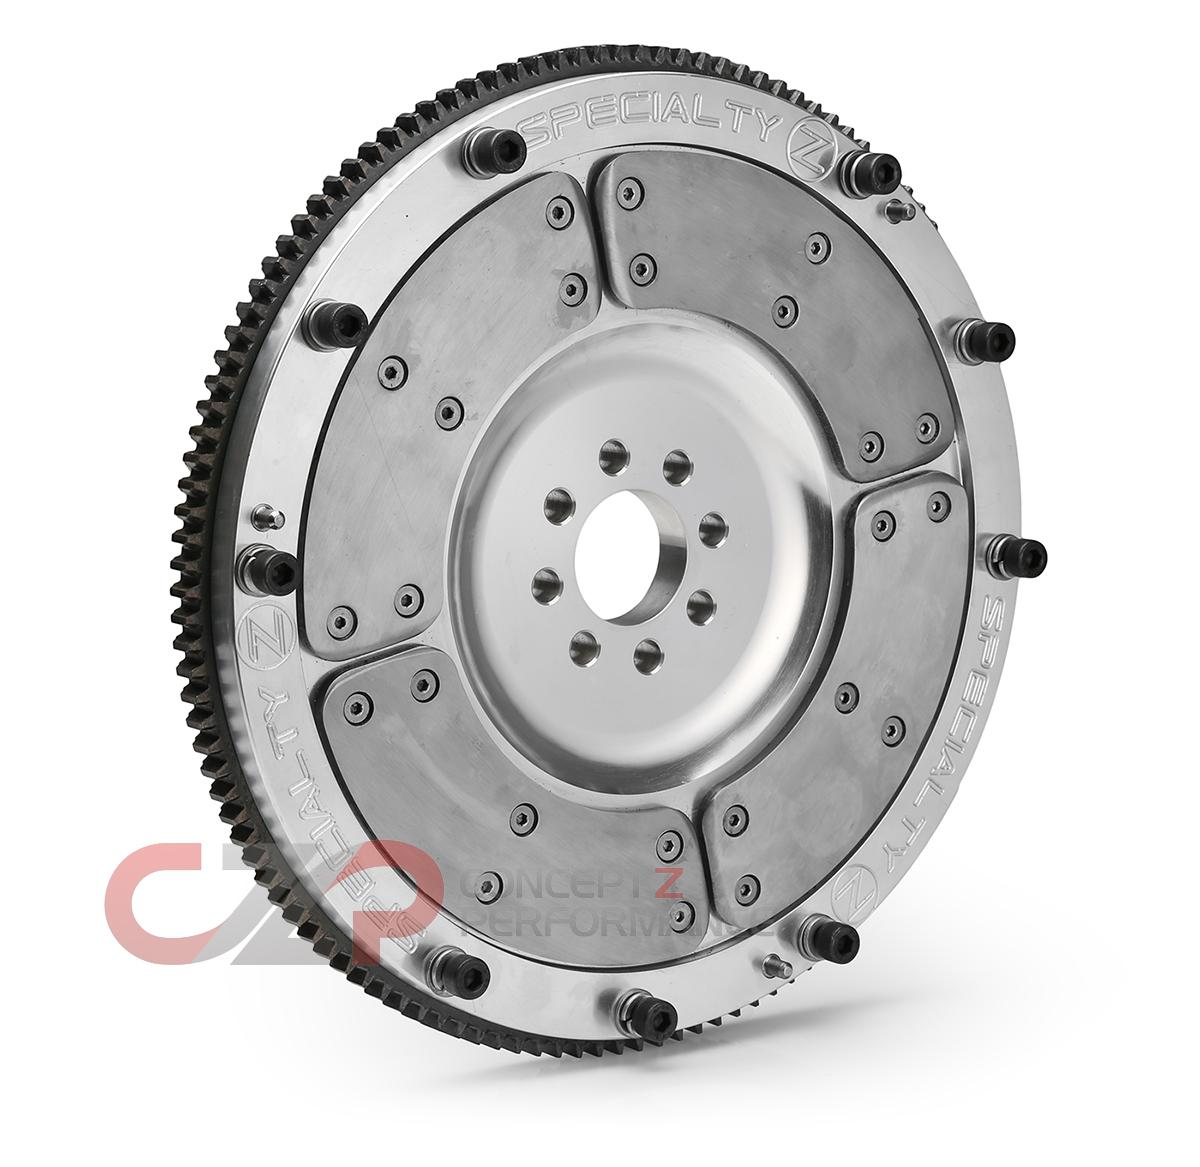 Specialty Z / RPS BF-17909 CYN-R-G Billet Aluminum